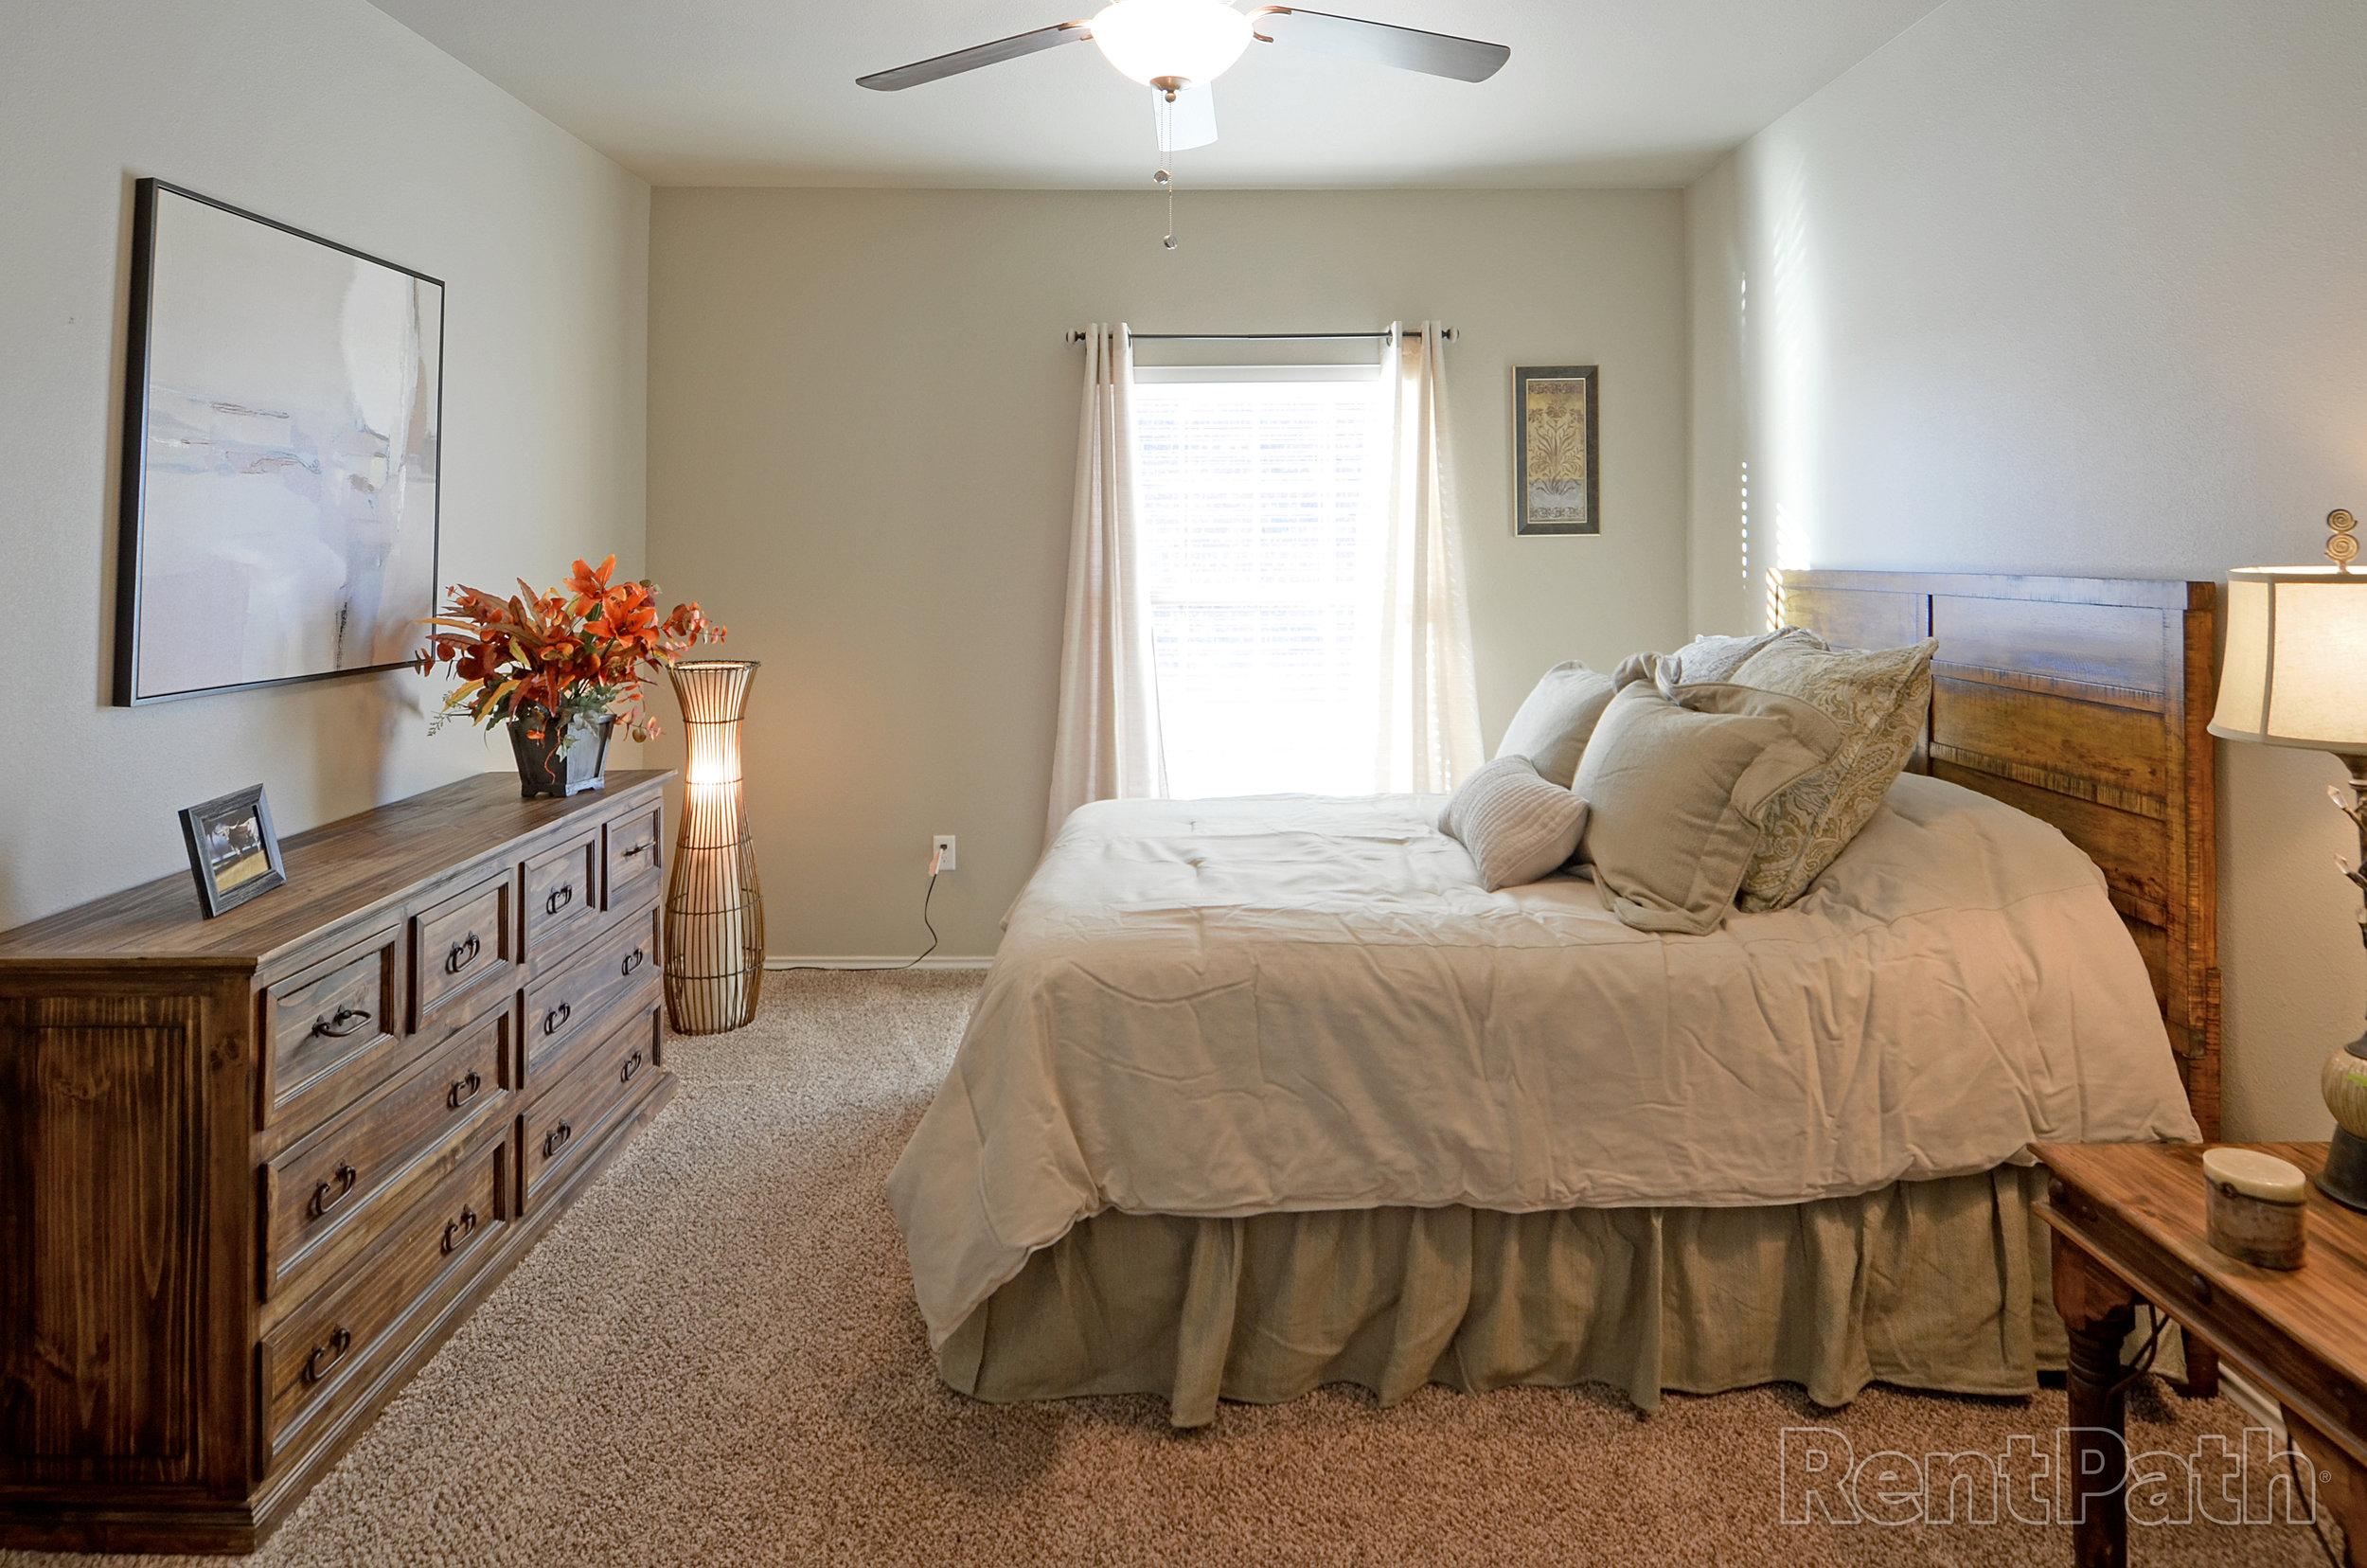 Clydesdale Floor Plan - Bedroom 1